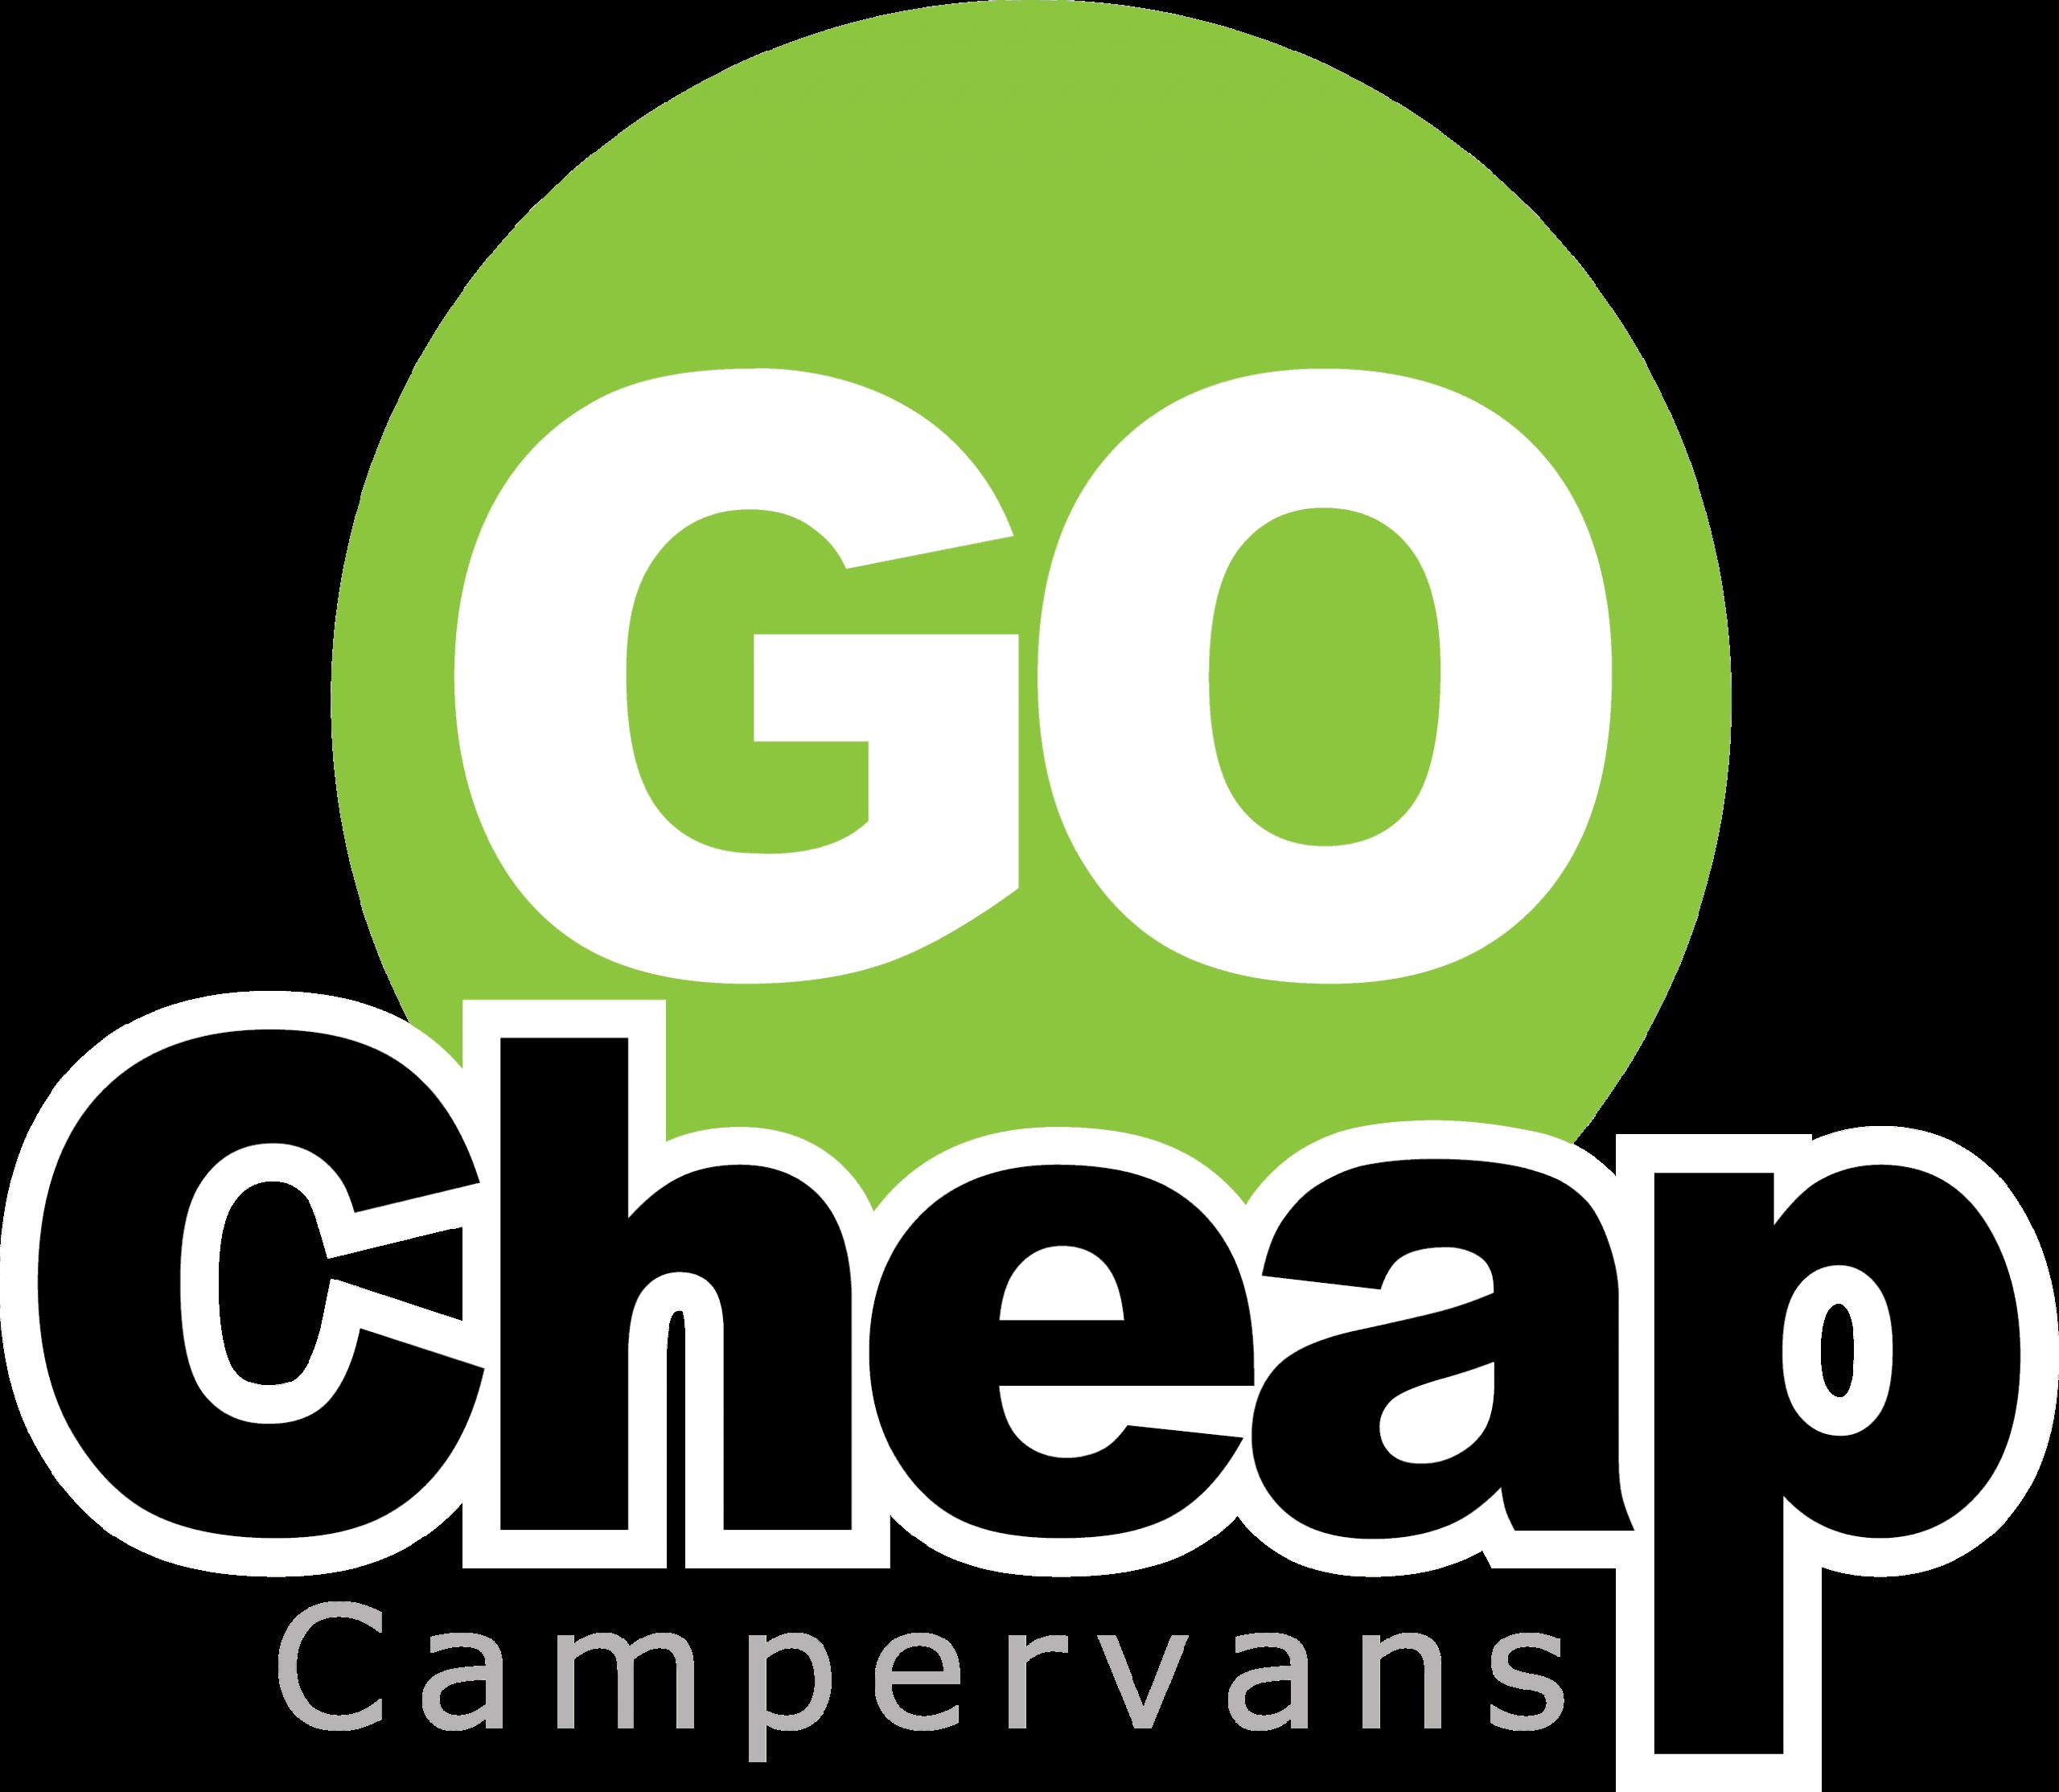 GoCheap Campervans